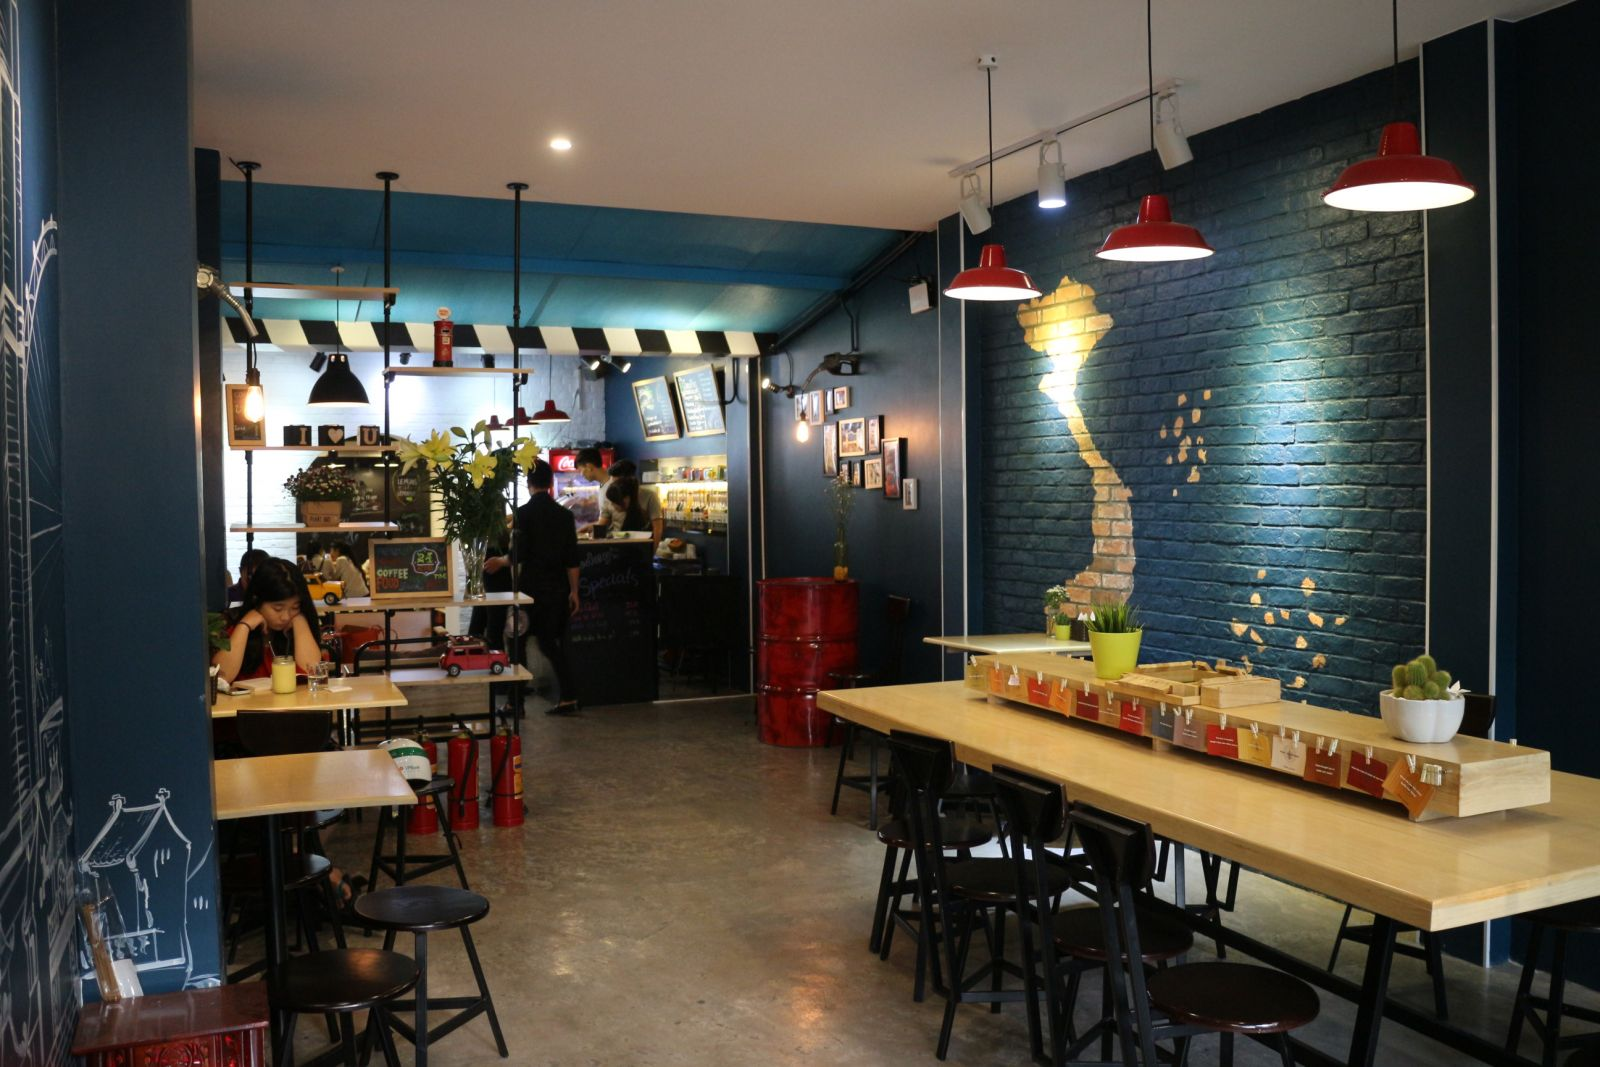 Mẫu đèn led đẹp trang trí quán cafe